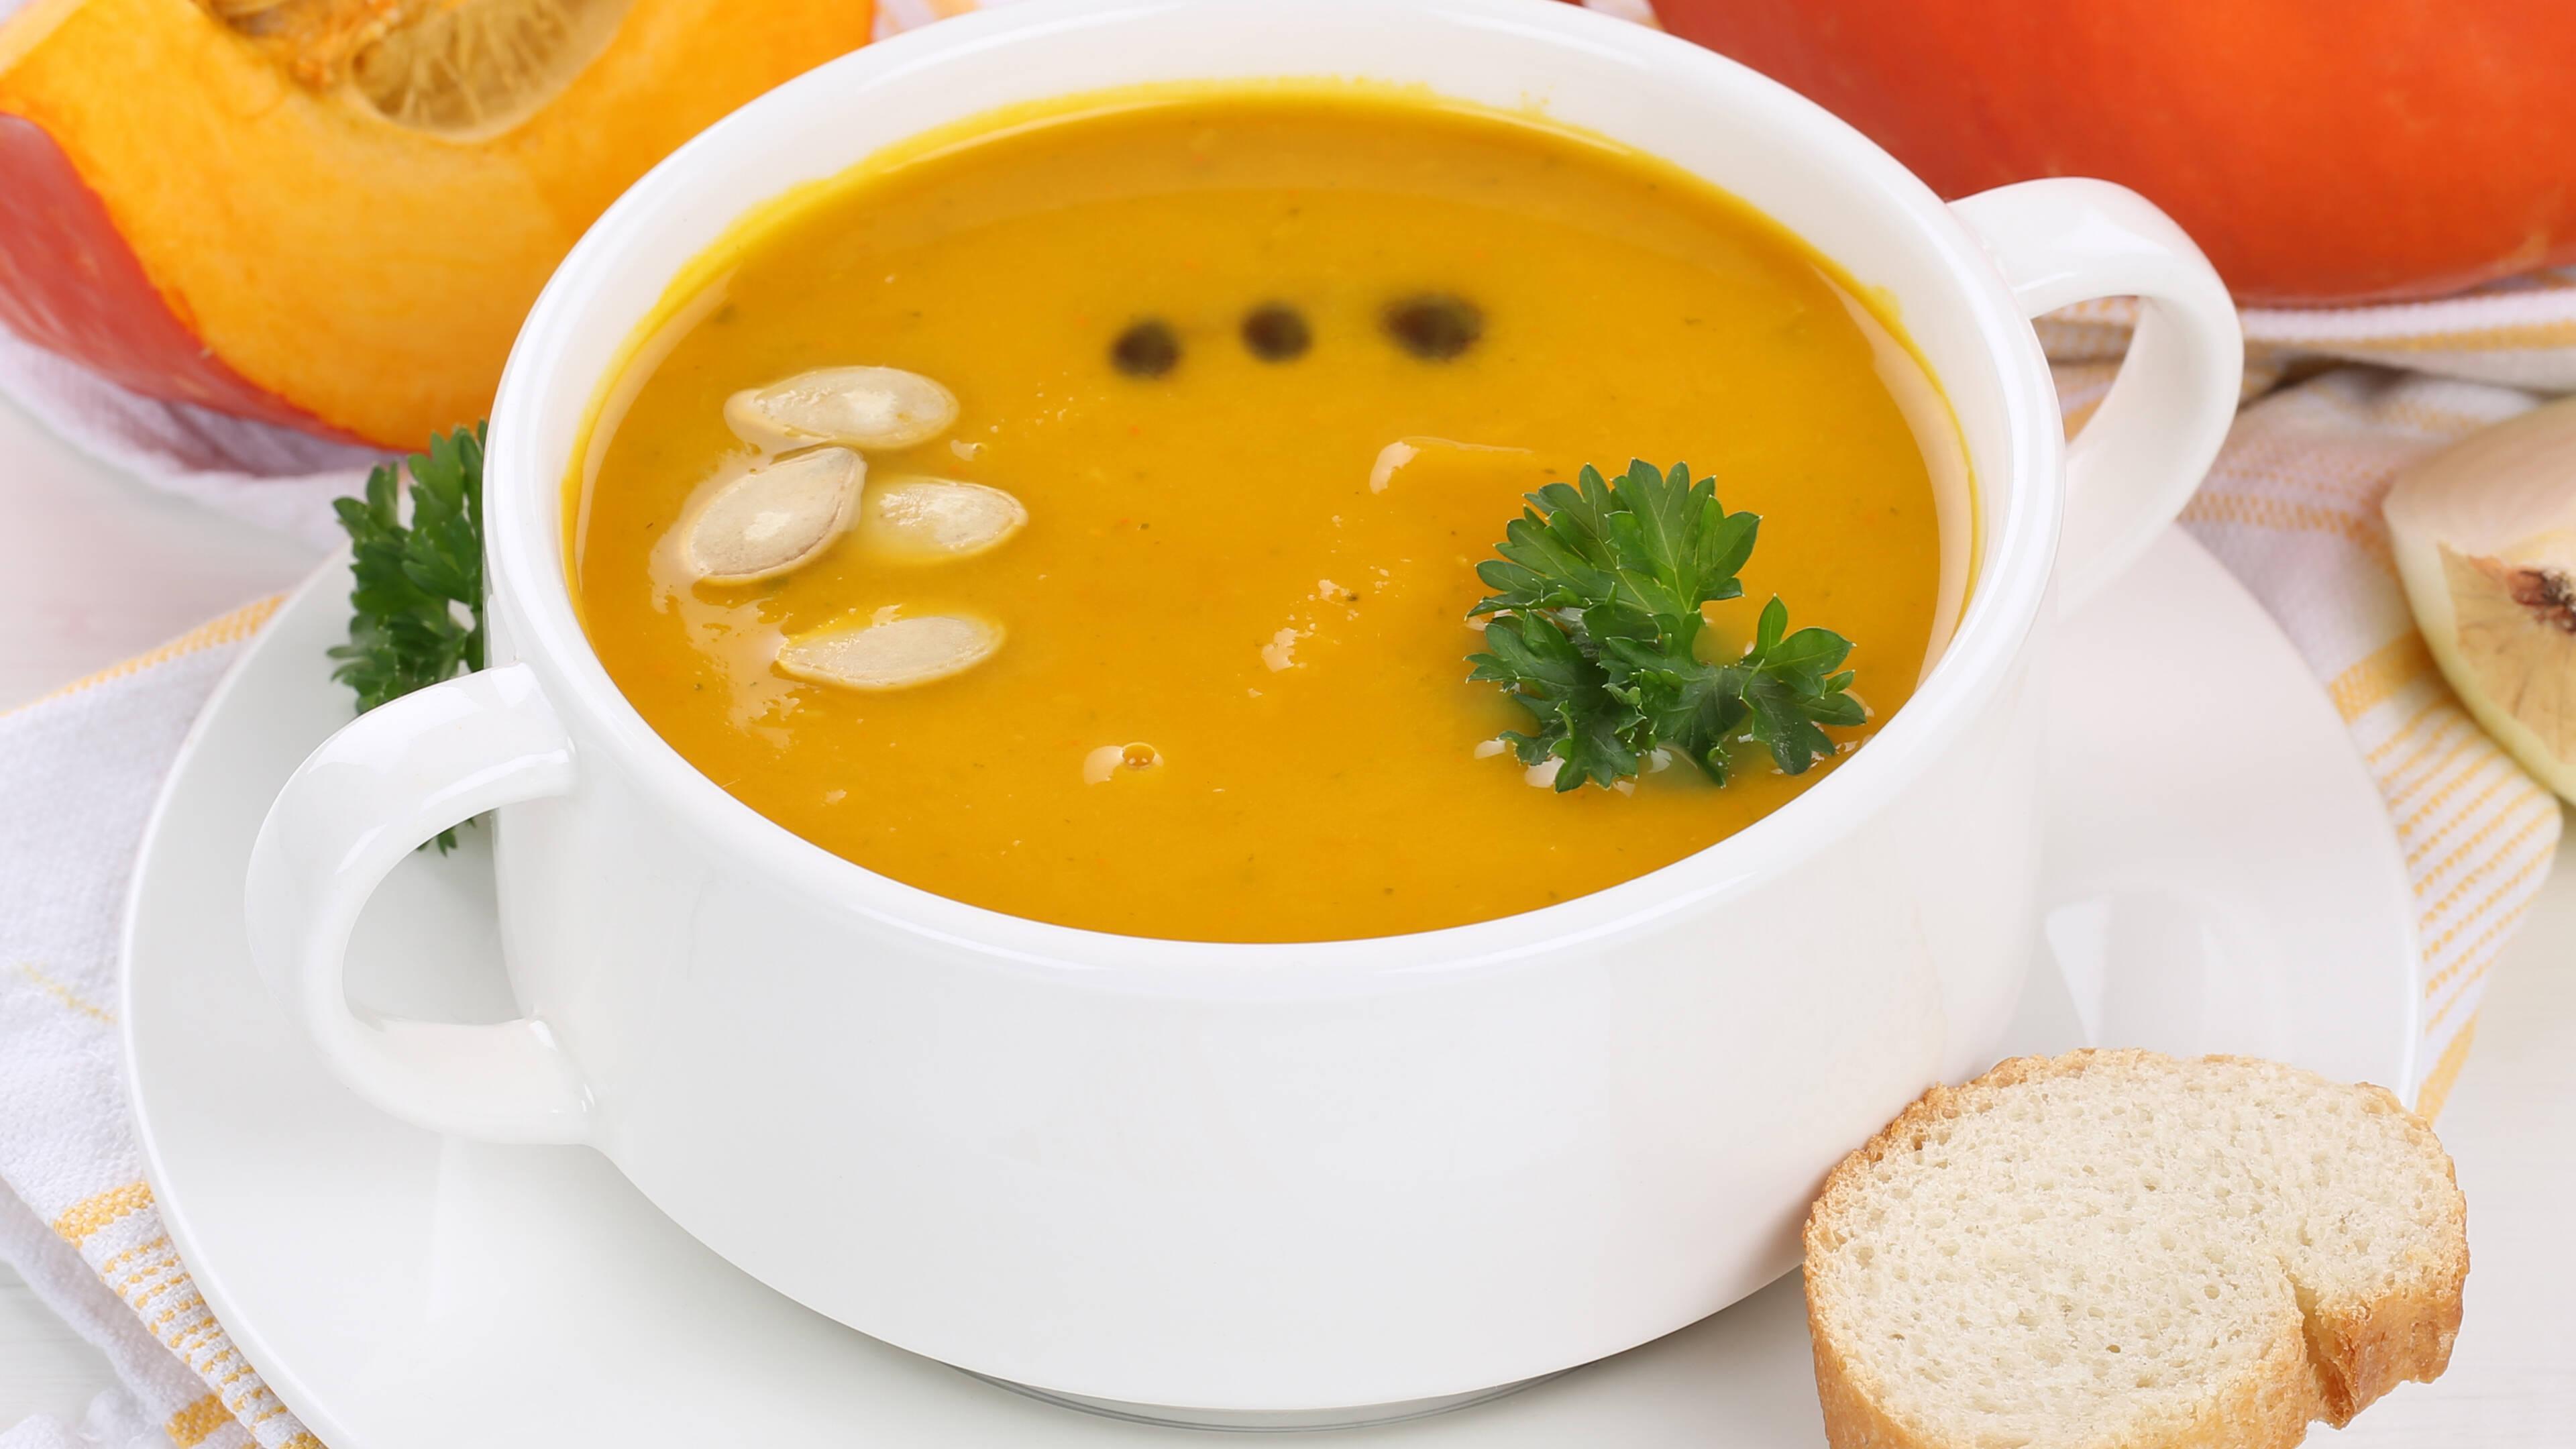 Kürbissuppe mit Ingwer: So bereiten Sie ein leckeres Rezept zu